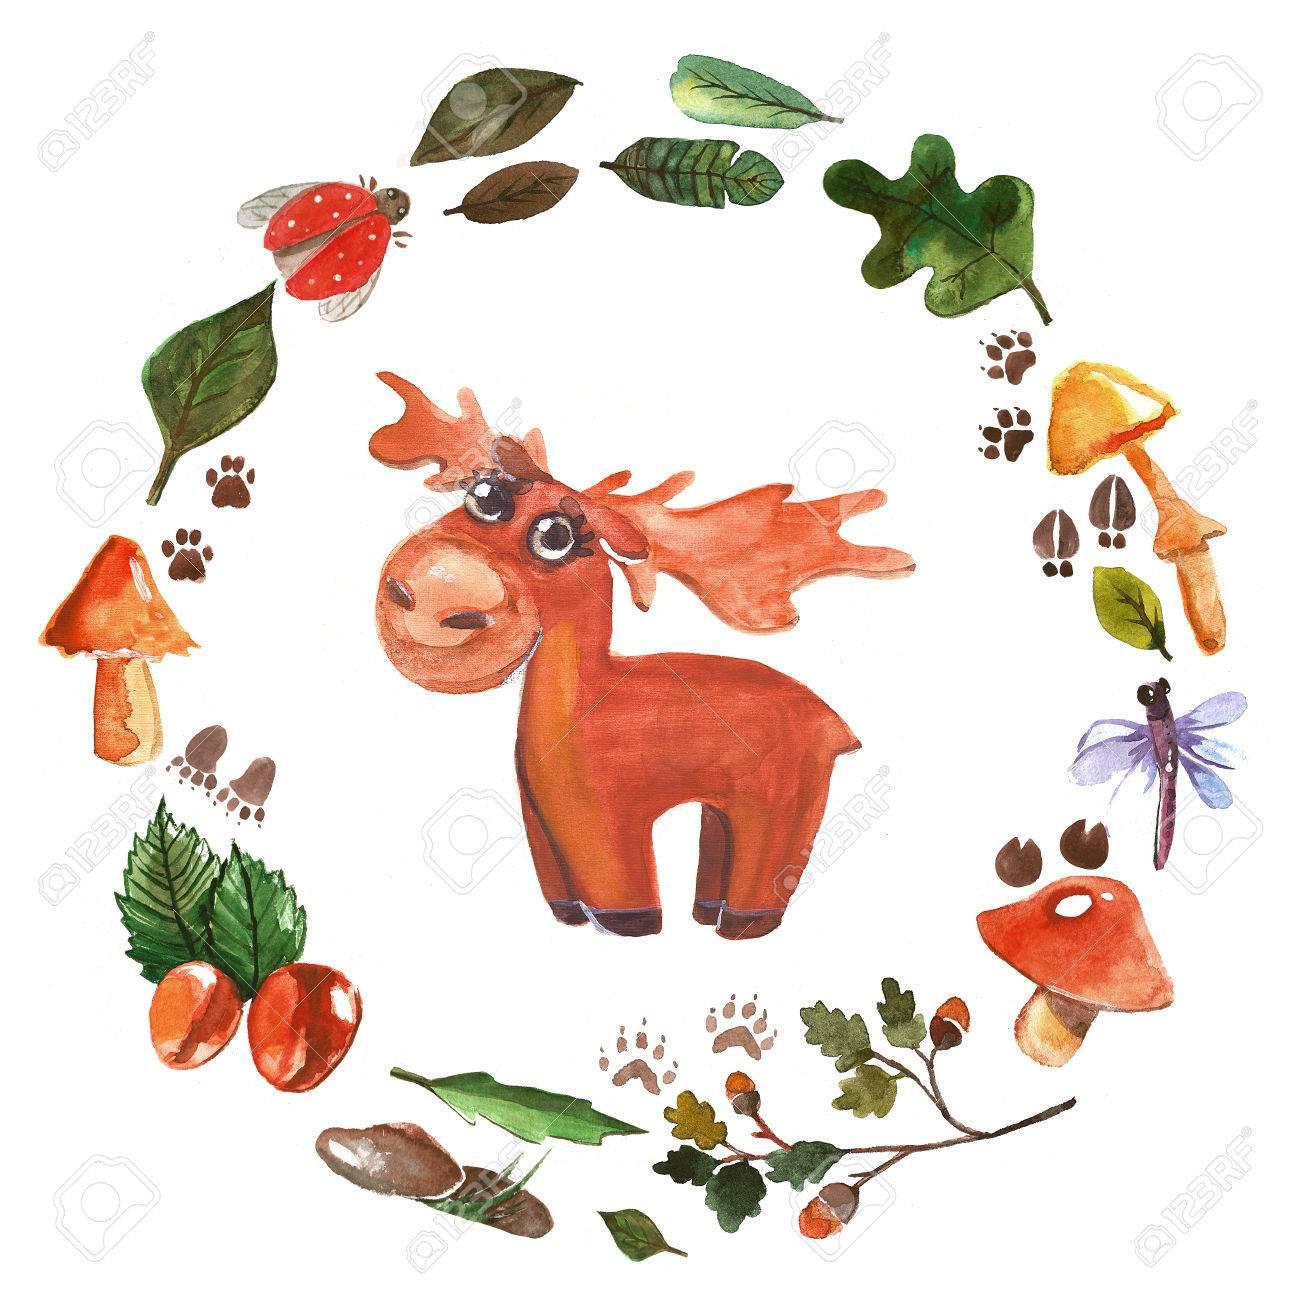 Aquarell Rahmen Mit Waldtiere Für Babyparty, Kindergarten, Schule ...